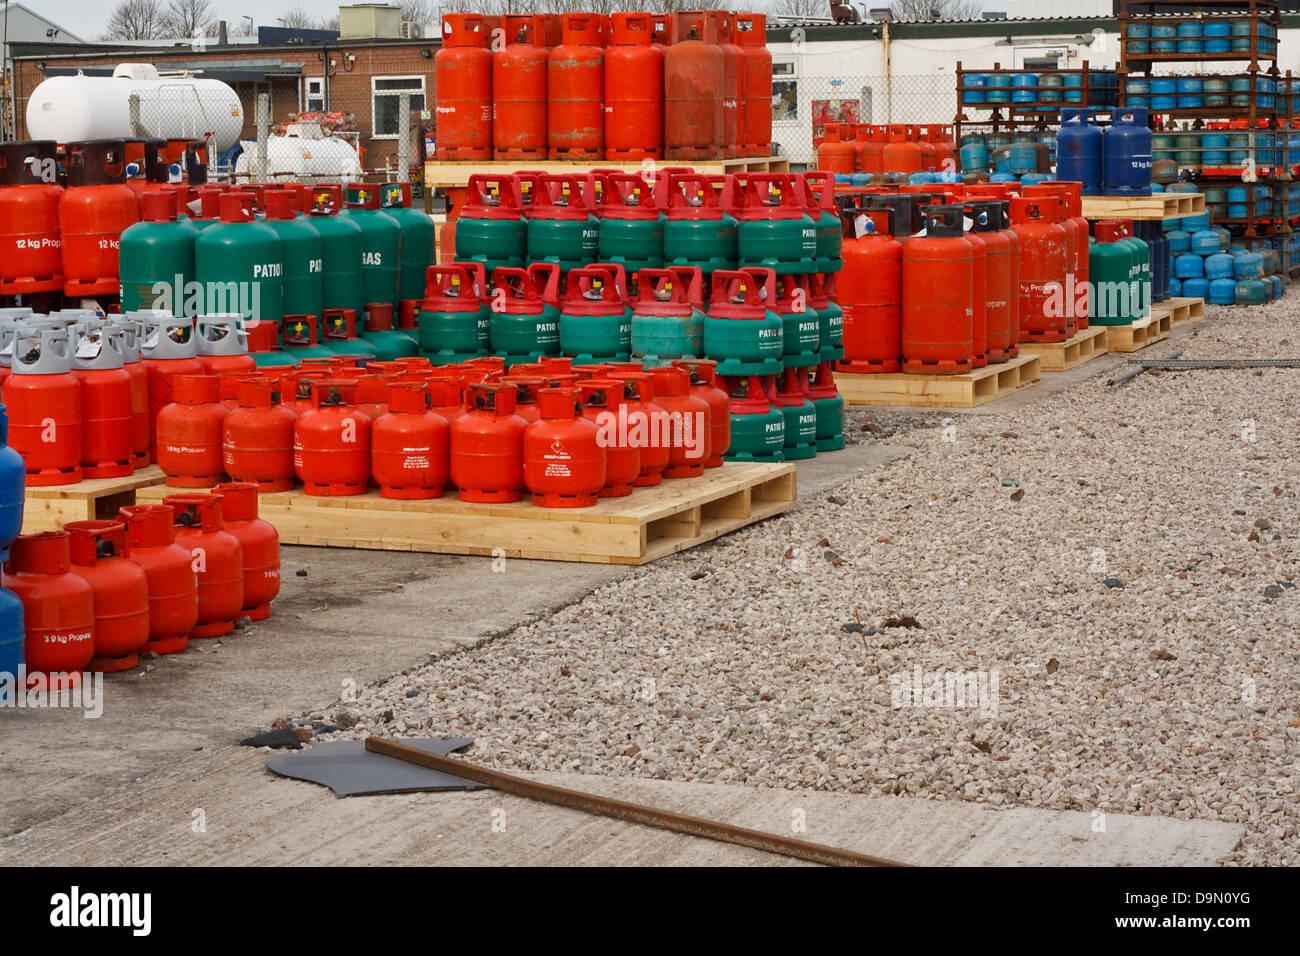 Les bouteilles de gaz propane dans le stockage à un centre de distribution Photo Stock